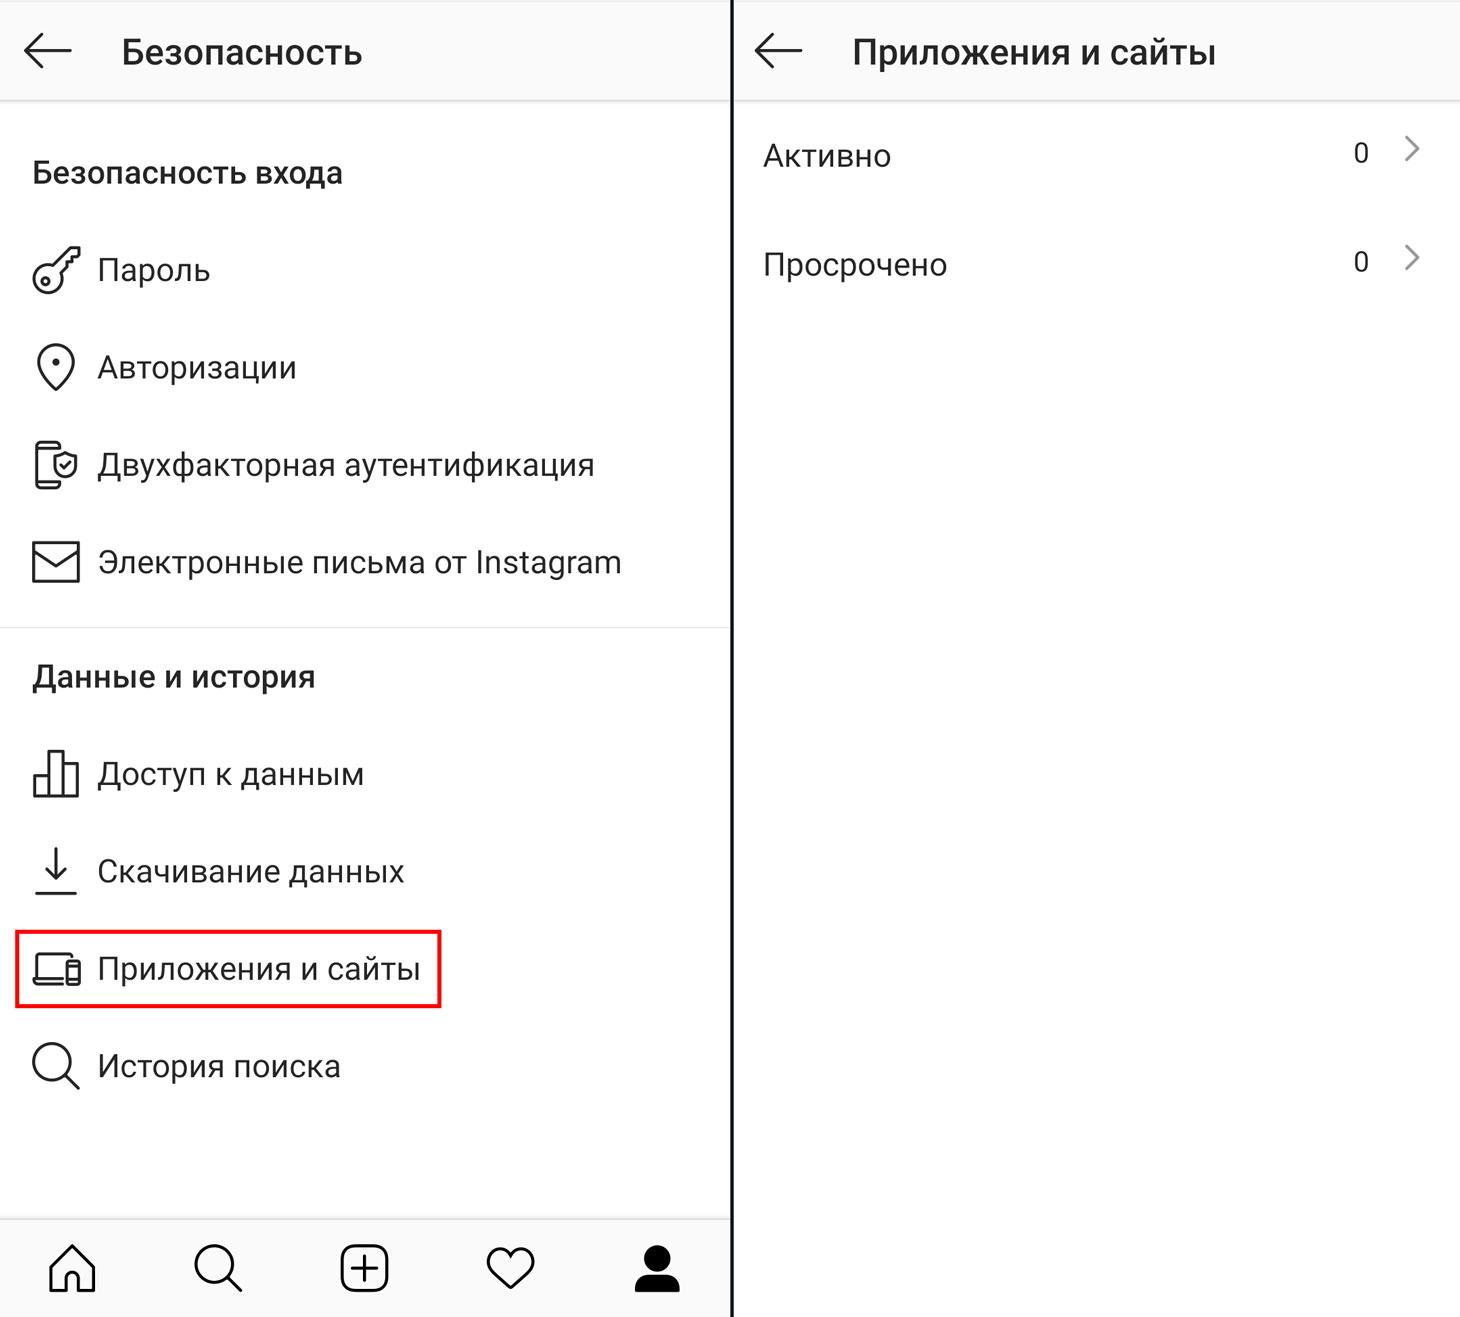 Где найти список приложений, подключенных к Instagram